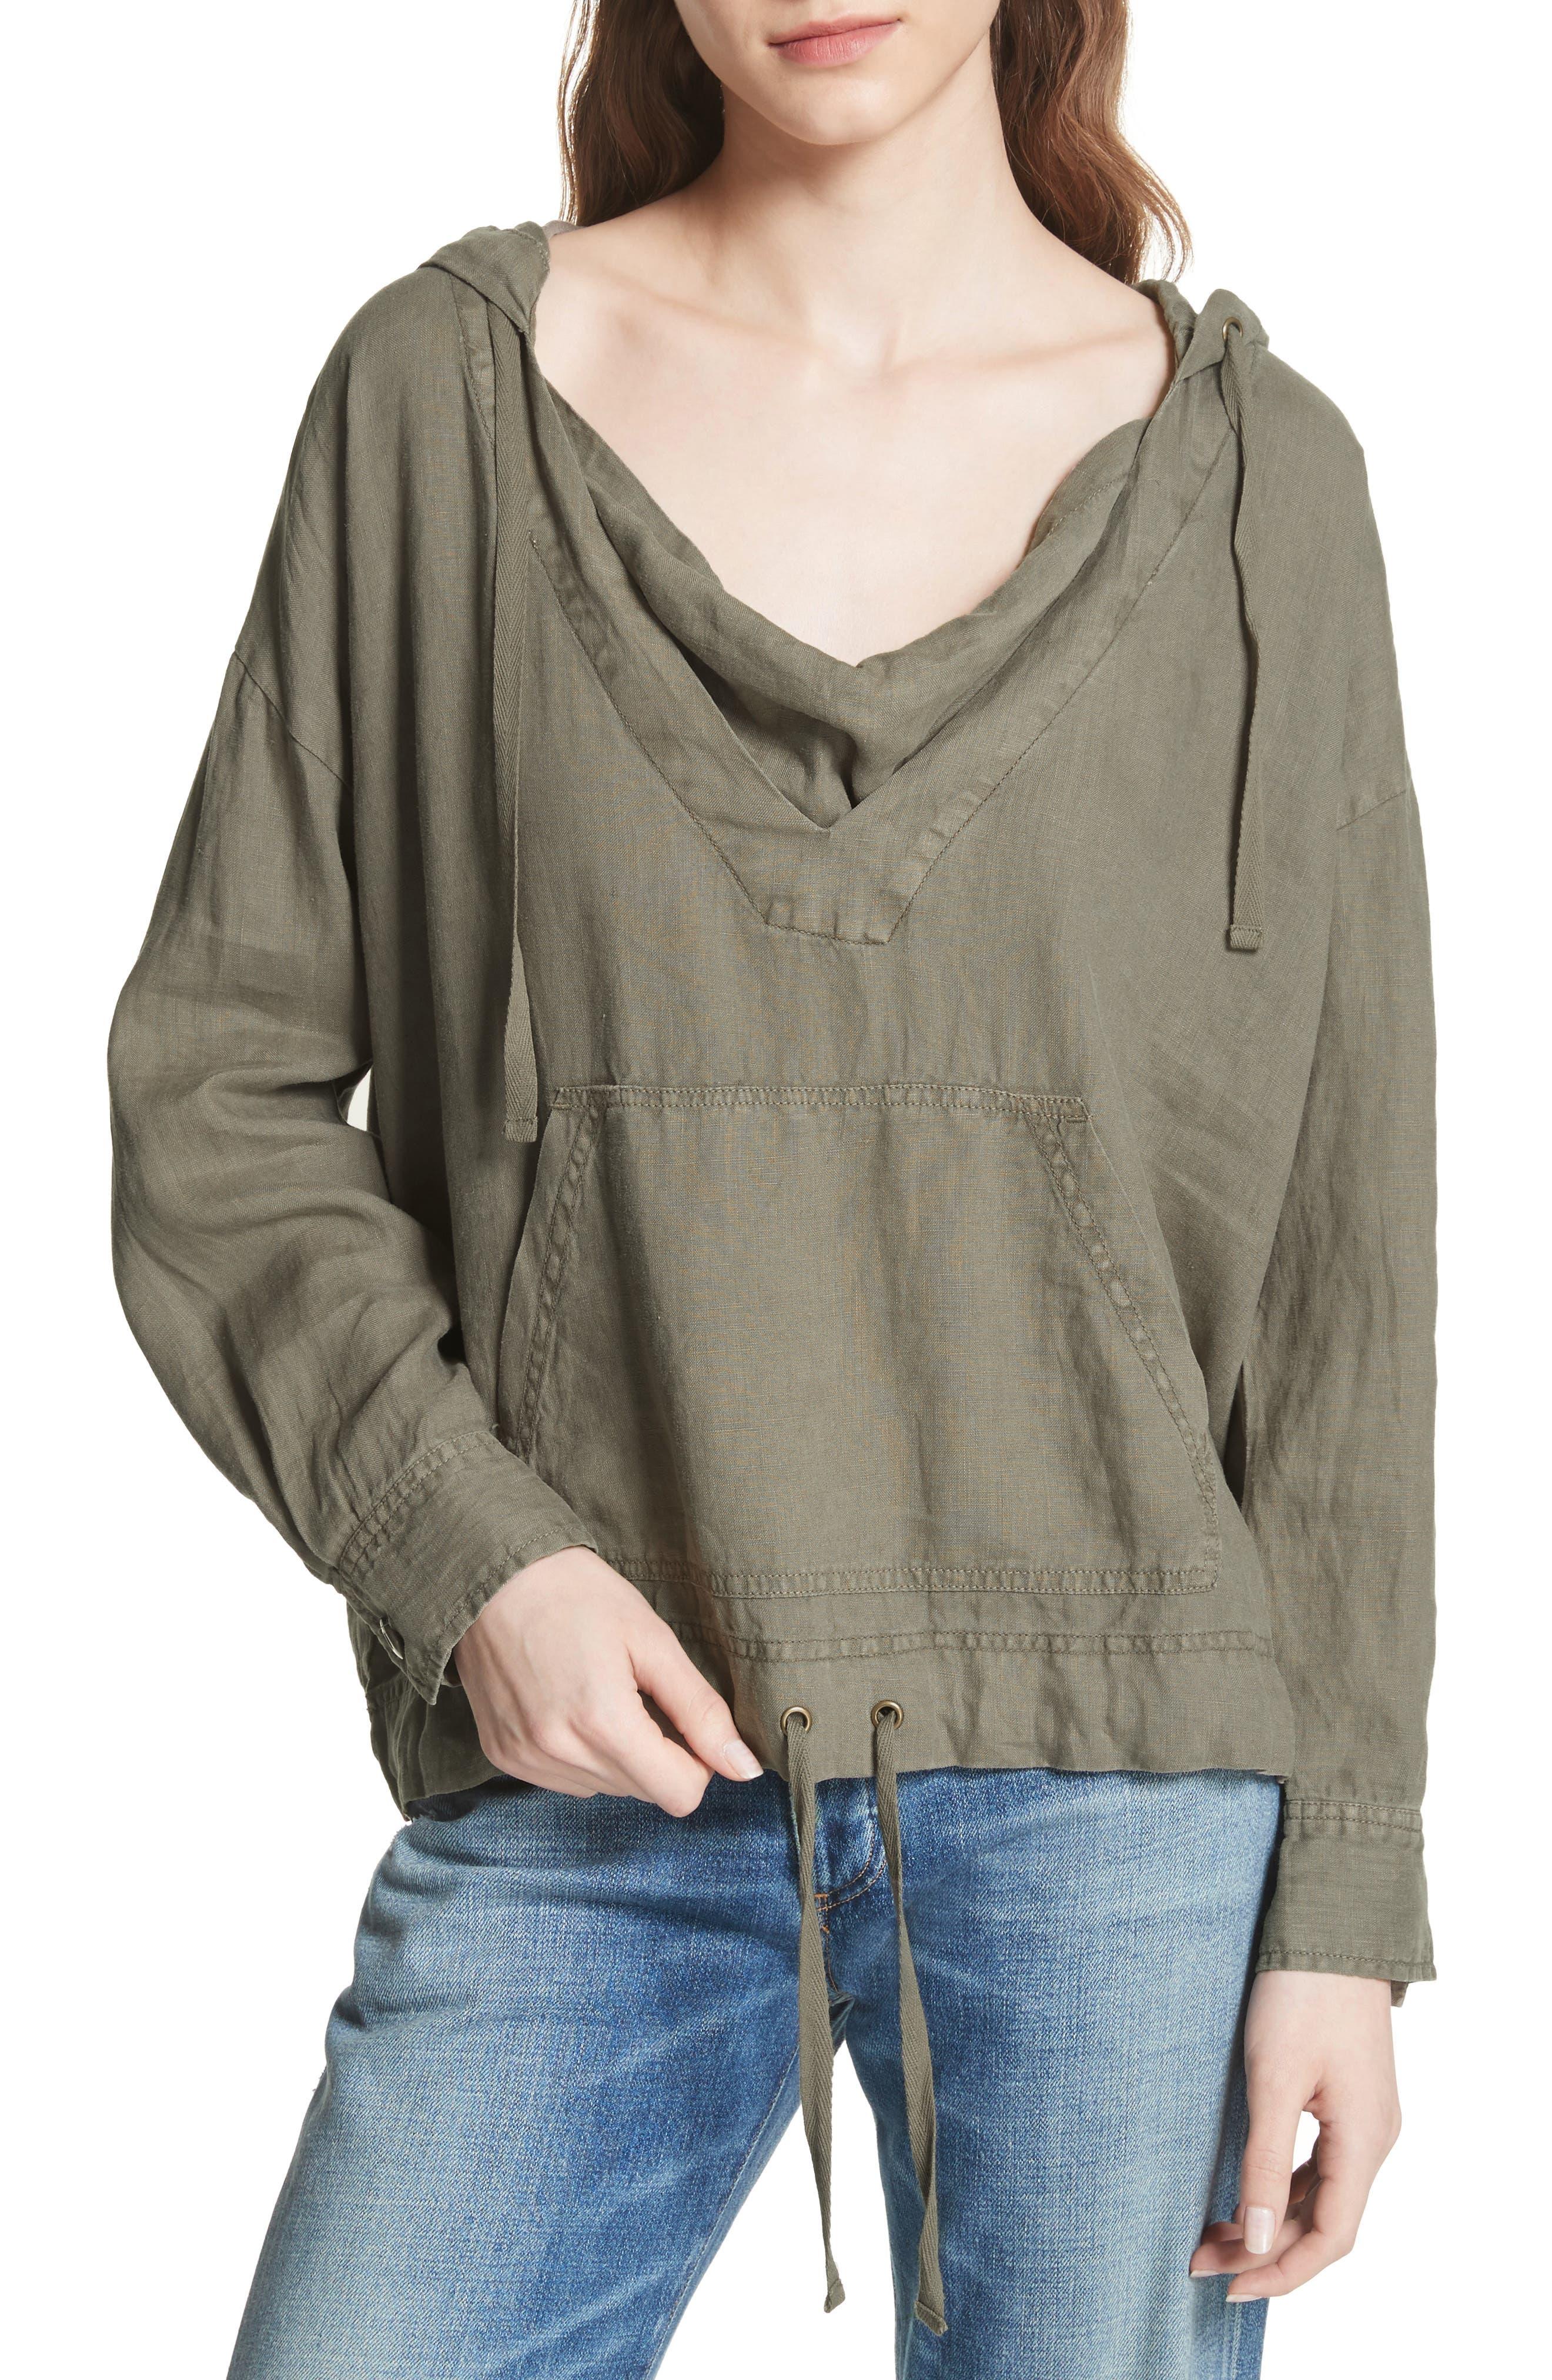 Dalal Linen Hoodie Top,                         Main,                         color, Fatigue